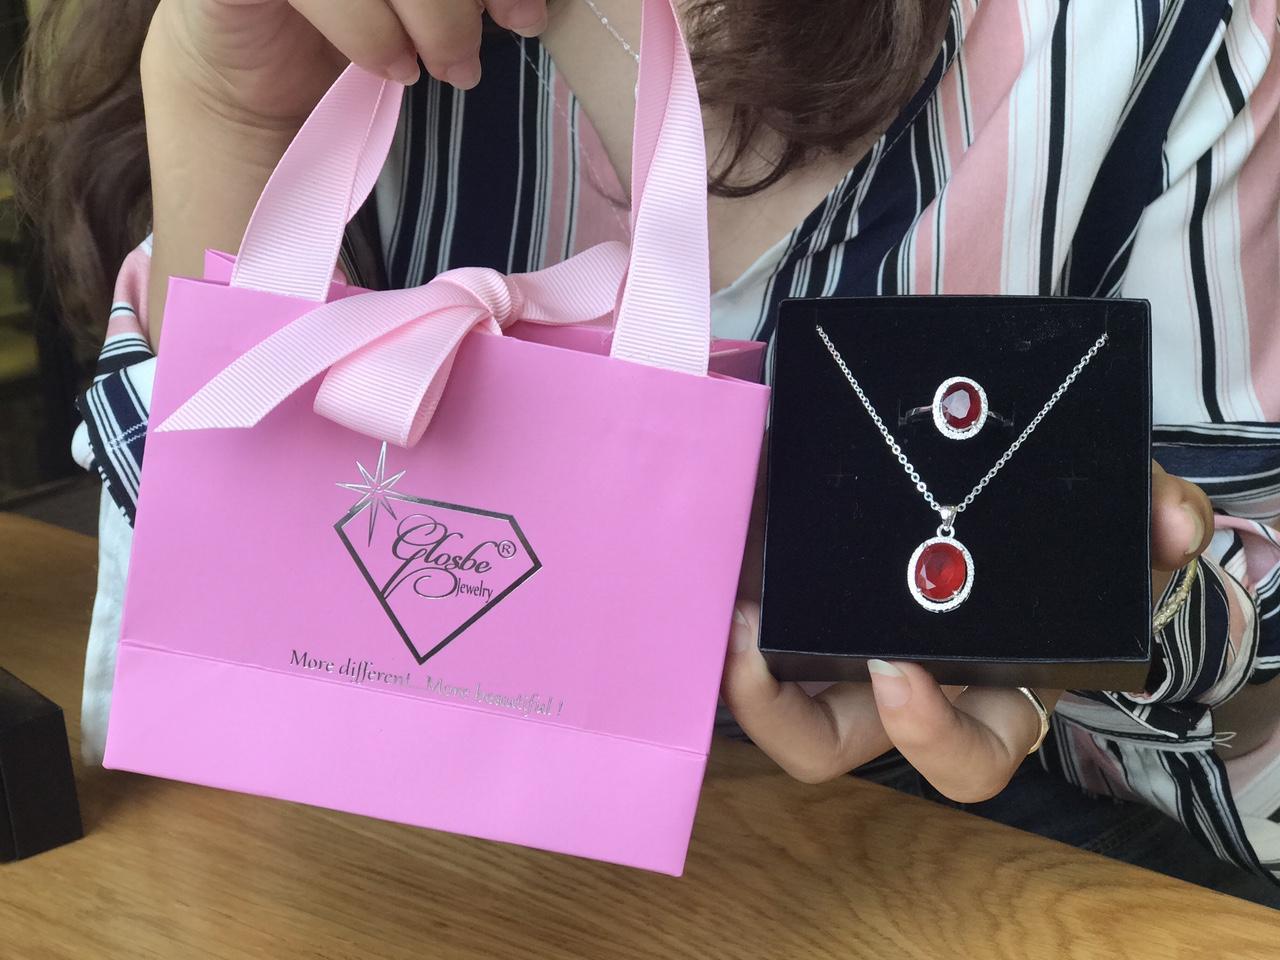 Tuyển dụng nhân viên bán hàng trang sức Hà Nội